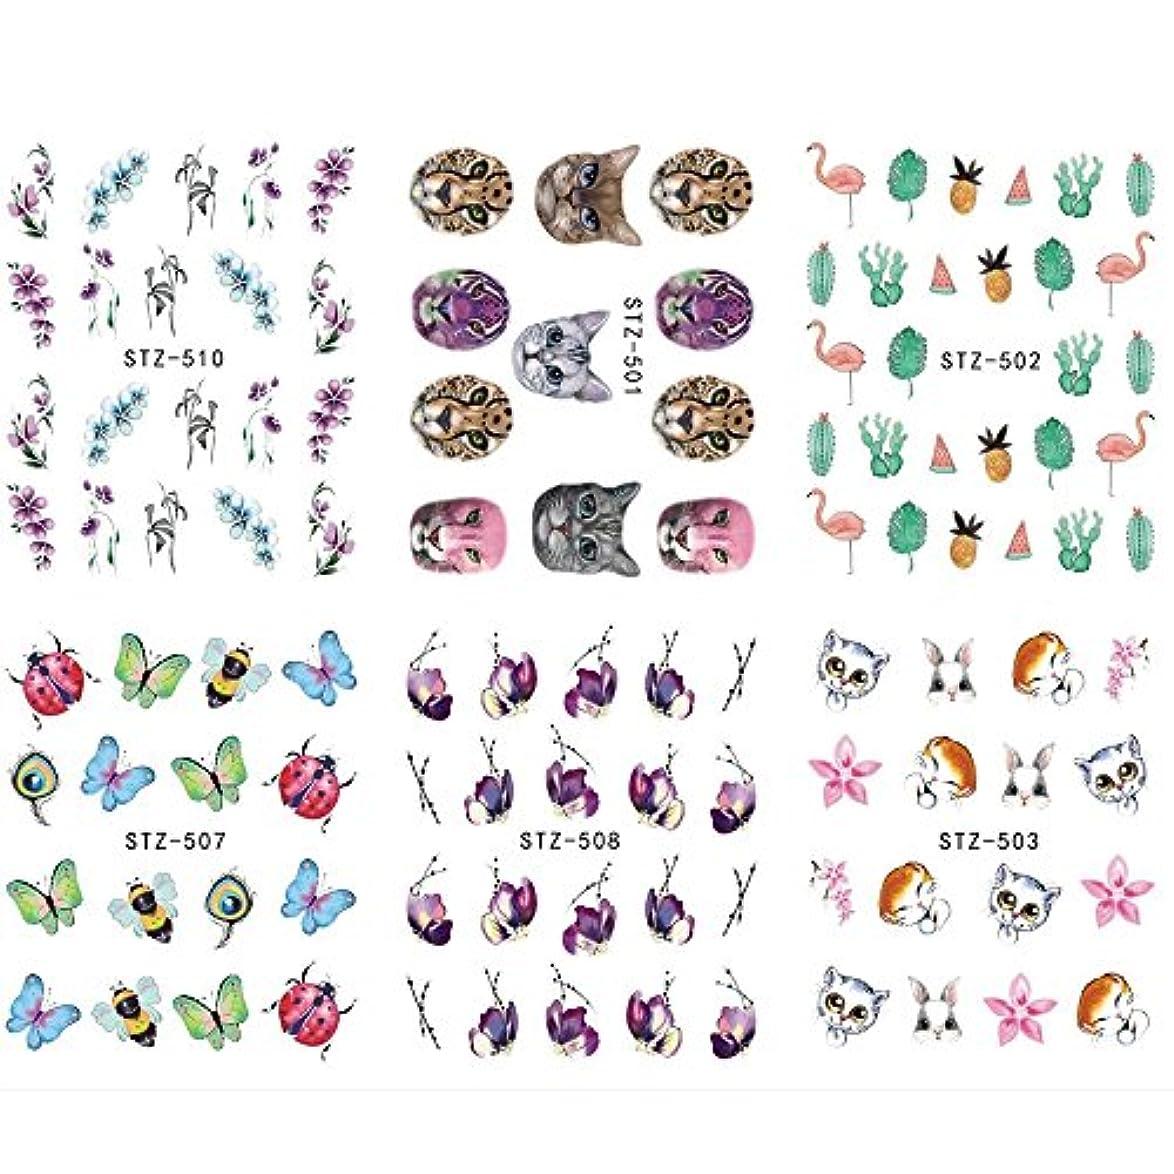 フェロー諸島着る商品SUKTI&XIAO ネイルステッカー 12ピース花植物動物ネイルアートステッカー水転写デカールスライダータトゥーフルカバーラップツールの装飾